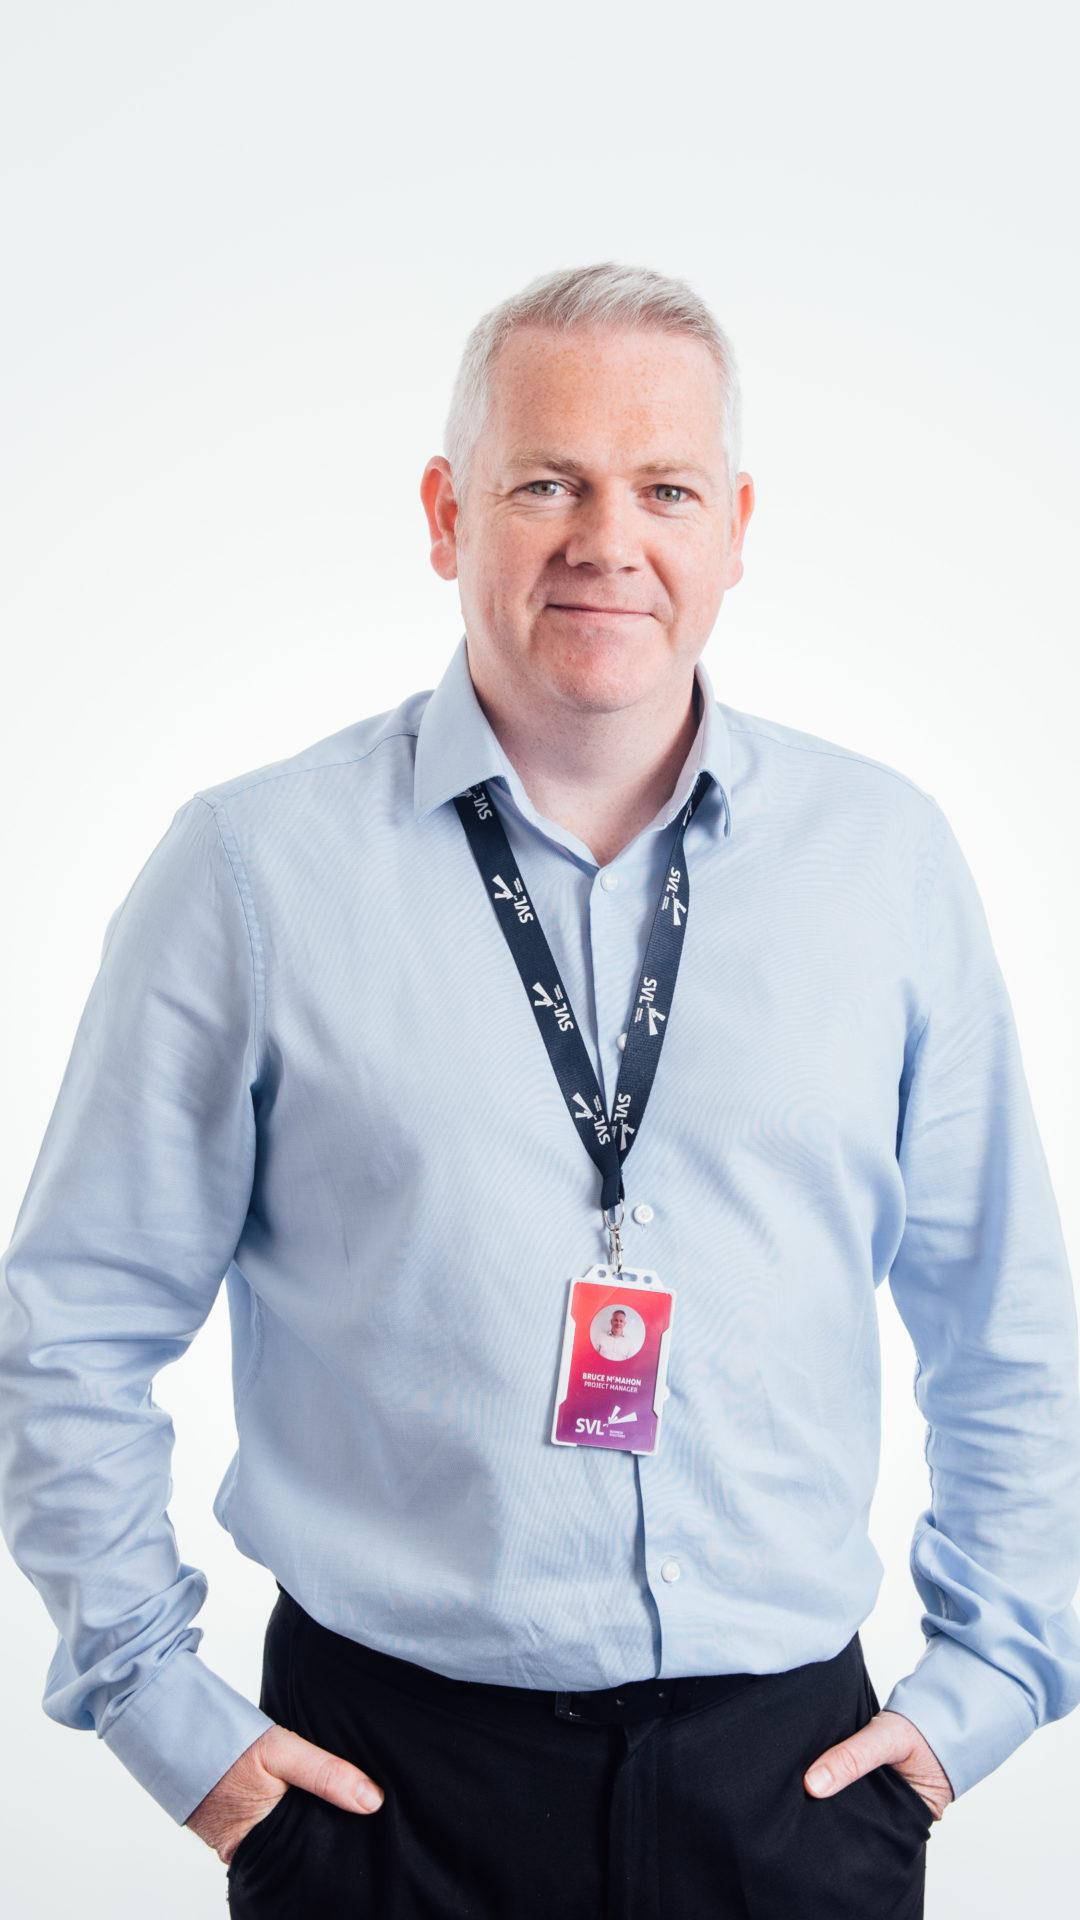 Bruce McMahon